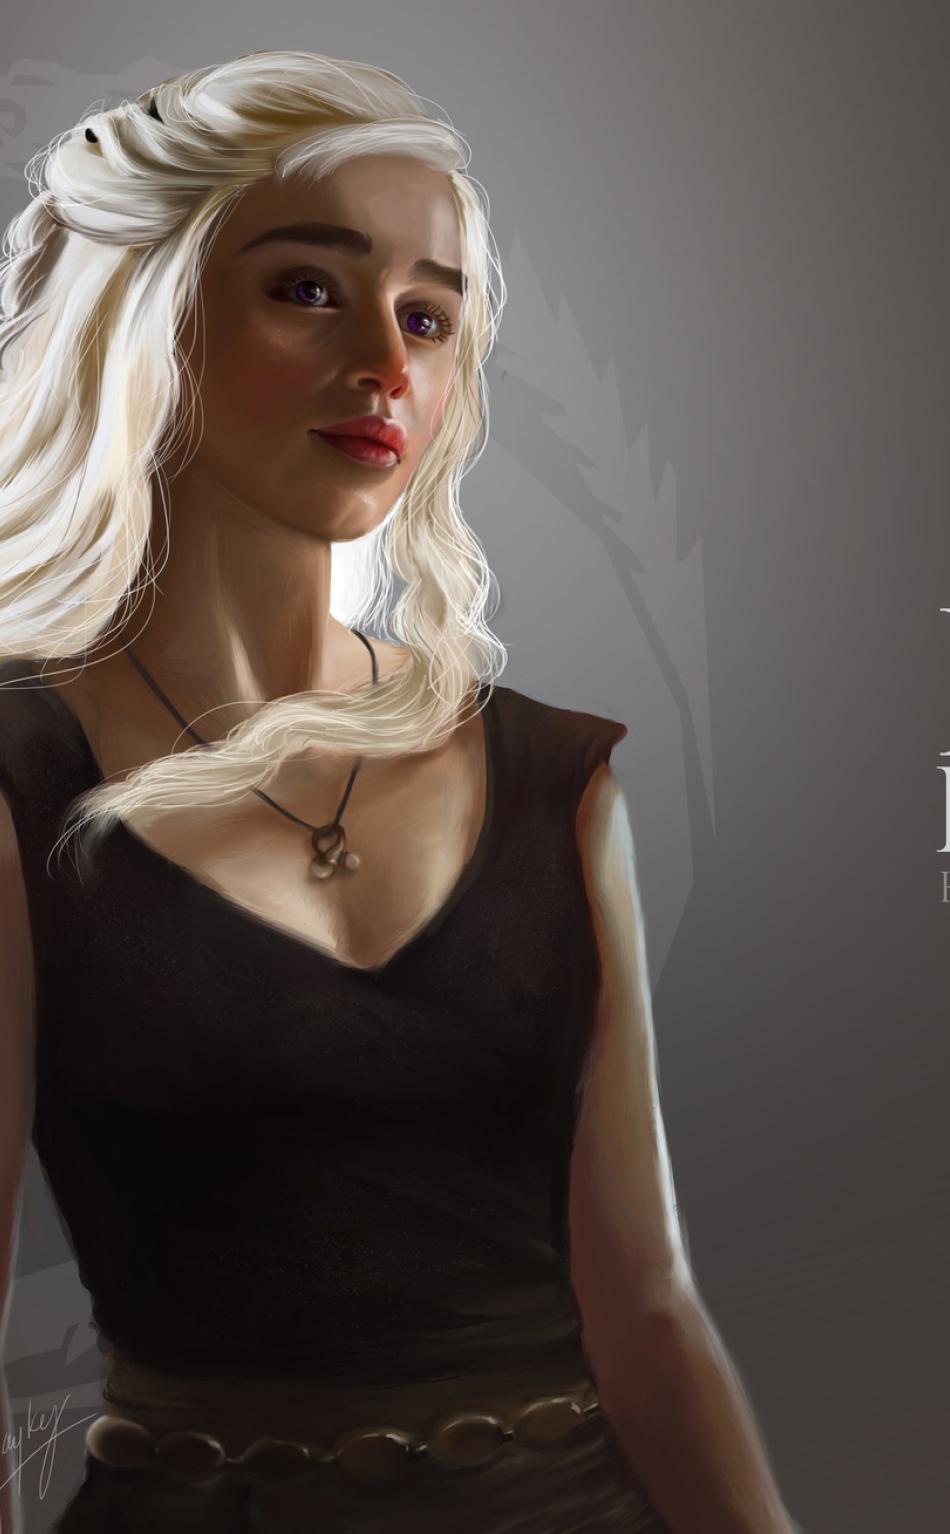 Game Of Thrones Dragon Girl Daenerys Targaryen Art Full